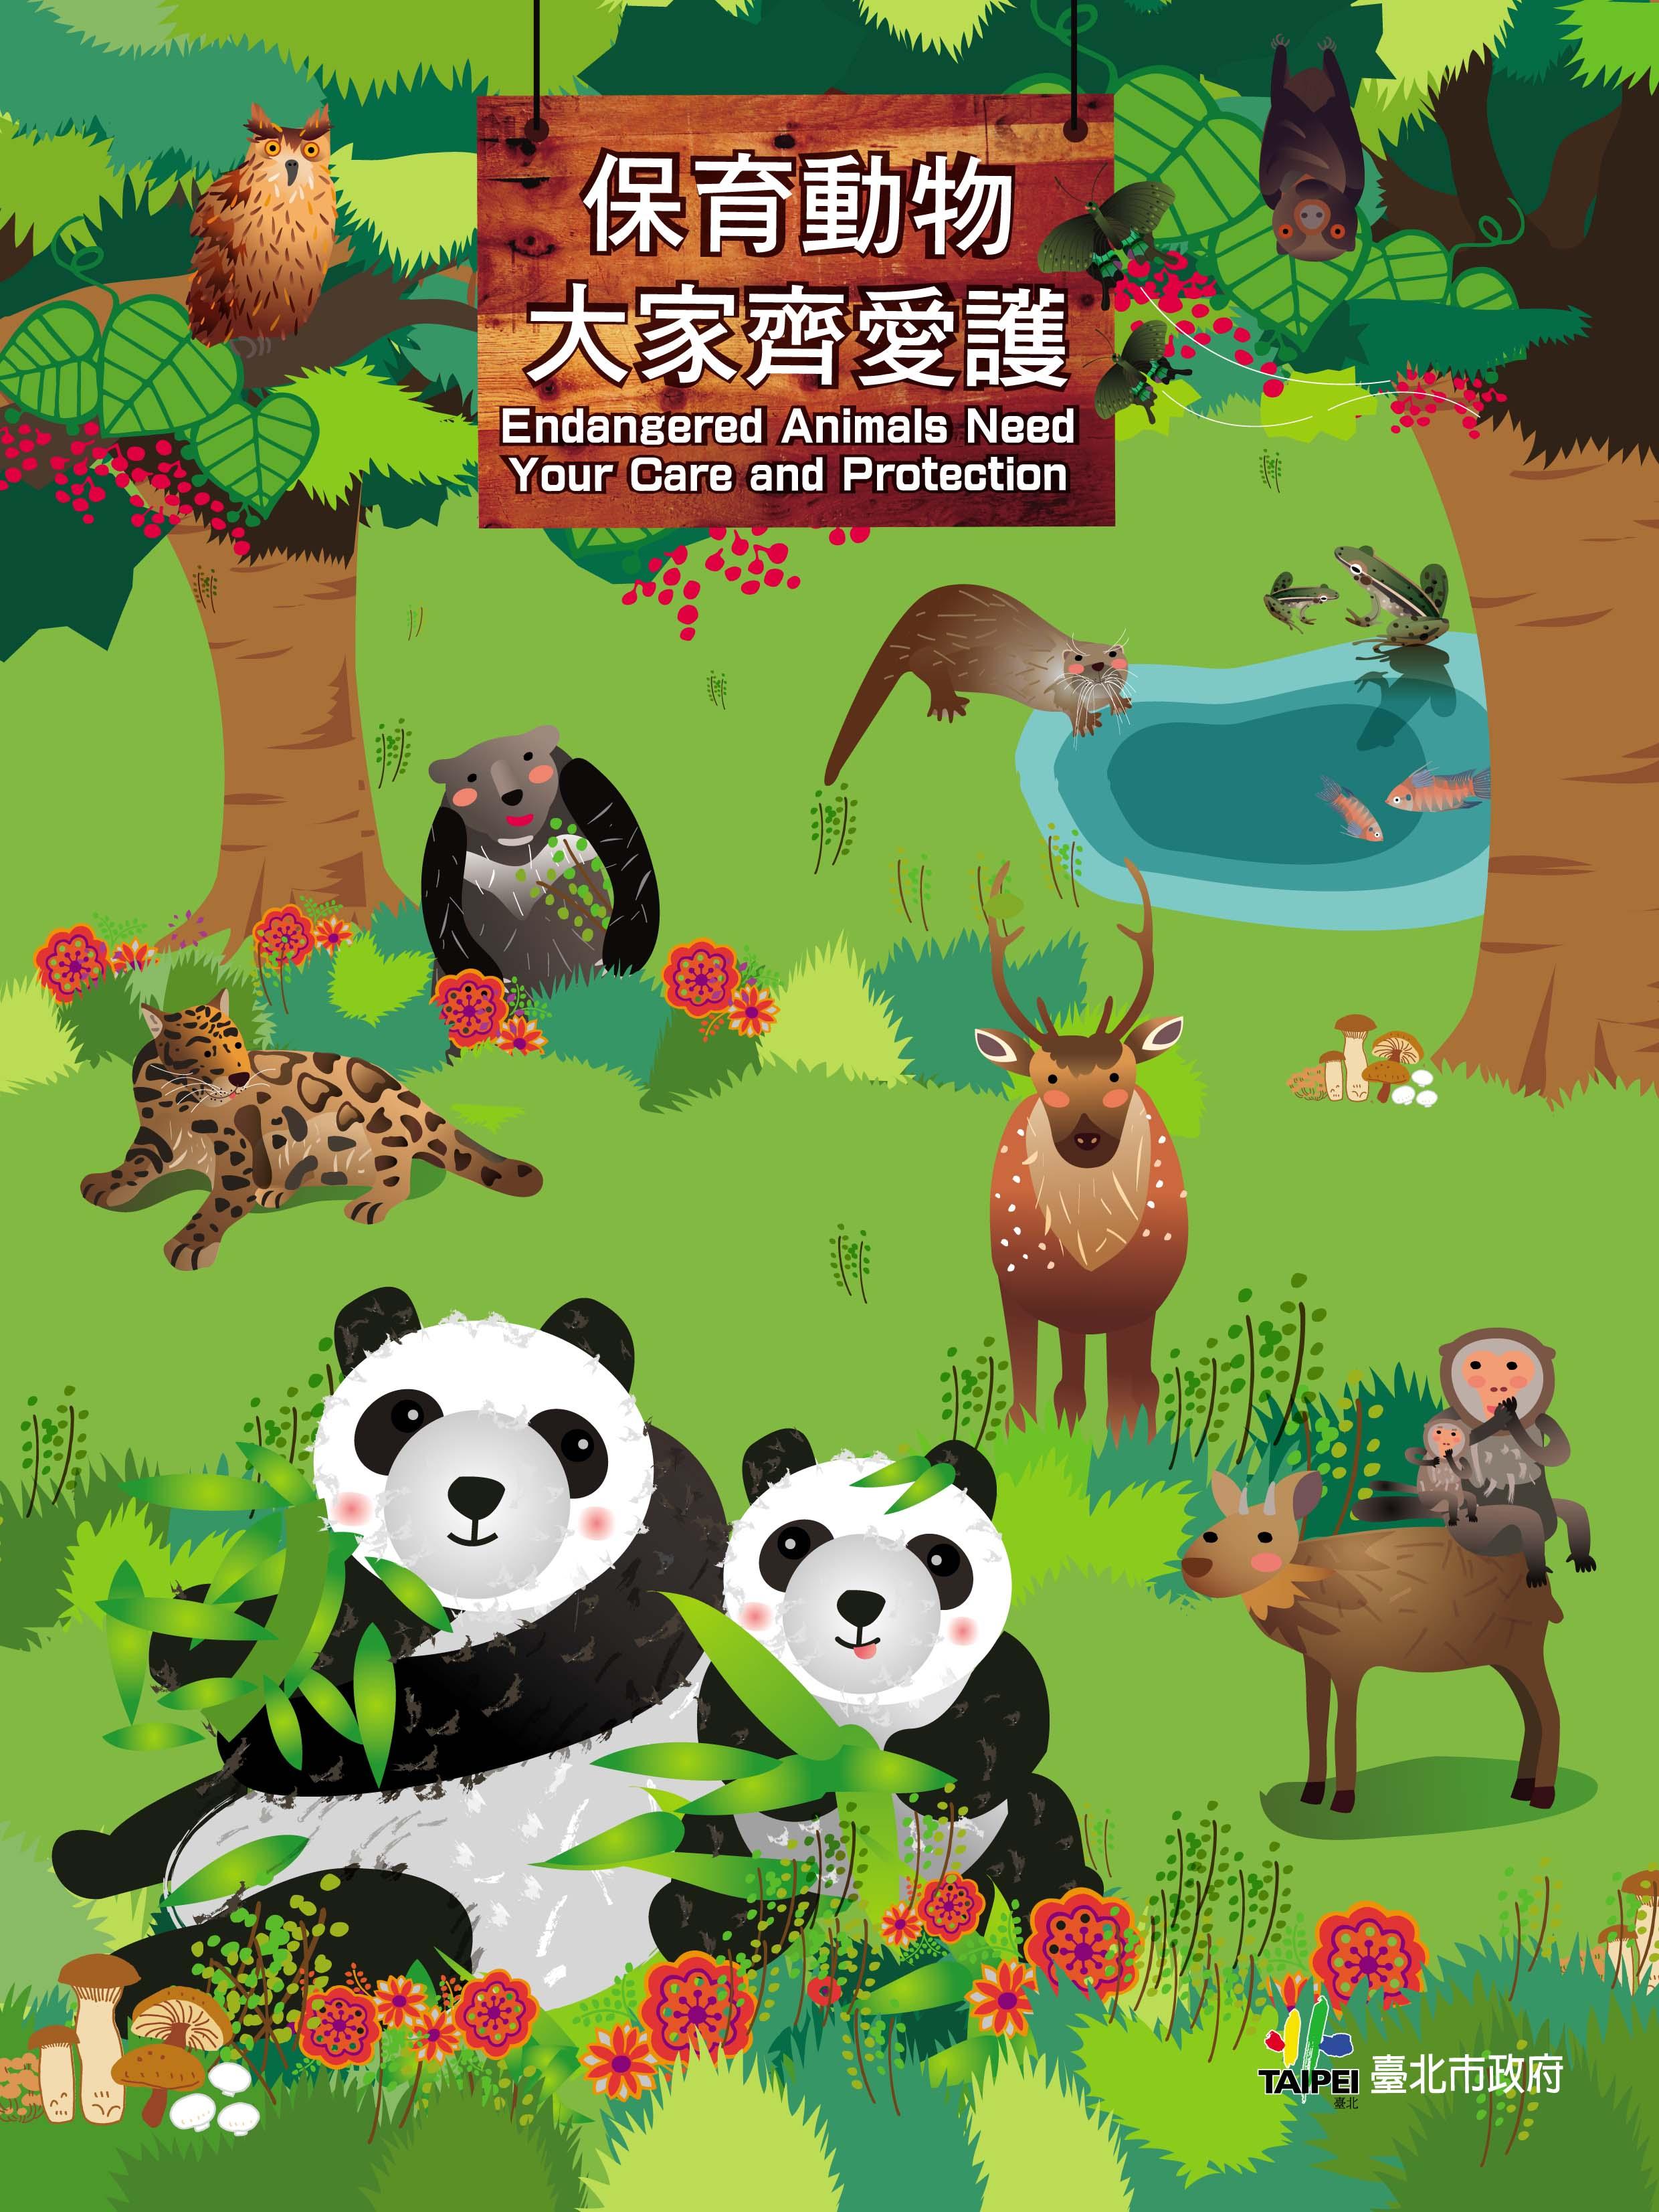 臺北畫刊-動物保育